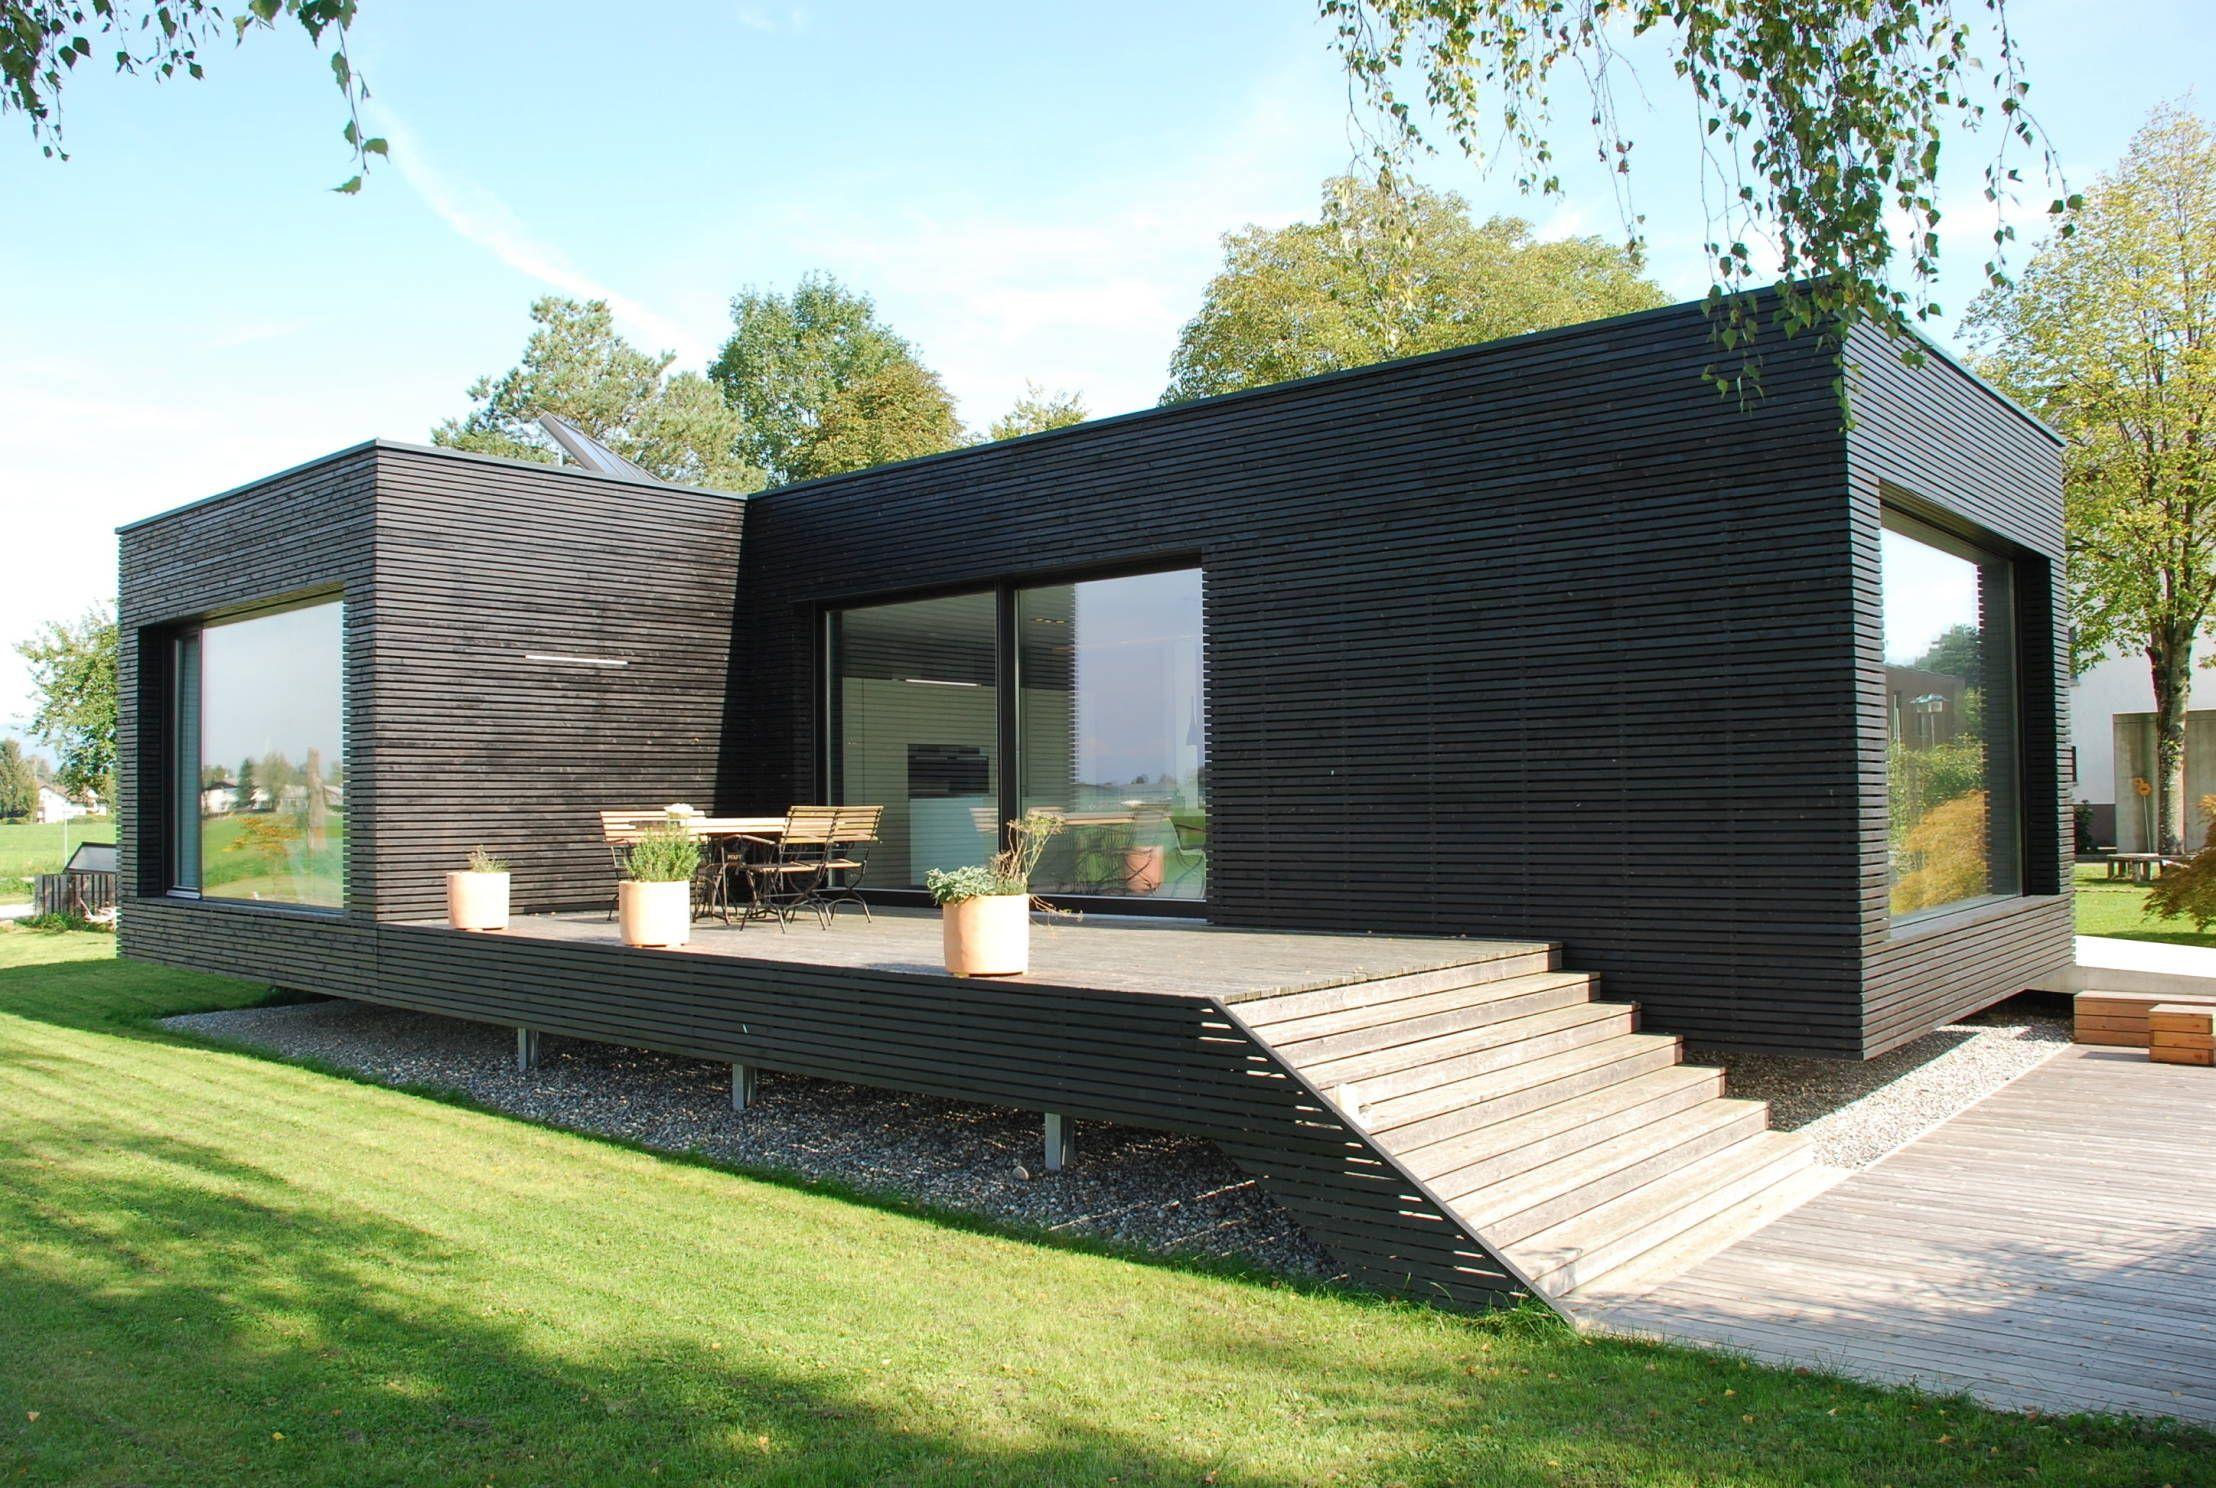 Casa Prefabbricata Design : Una casa prefabbricata dove trasferirsi oggi stesso! ansicht